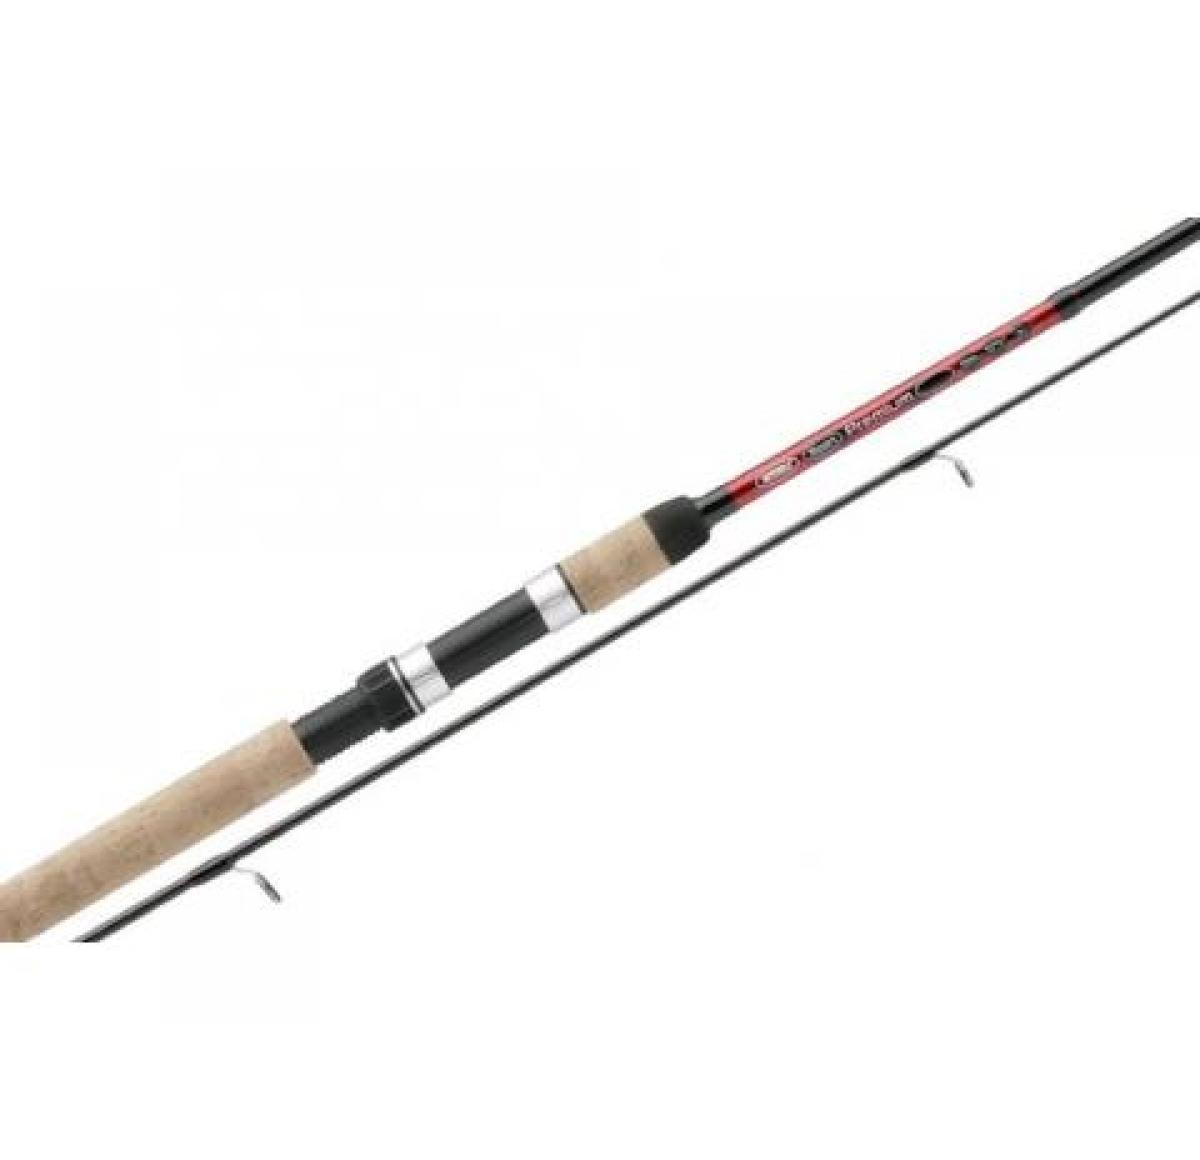 Mitchell Premium 2 Spin 242 cm 5-15 g